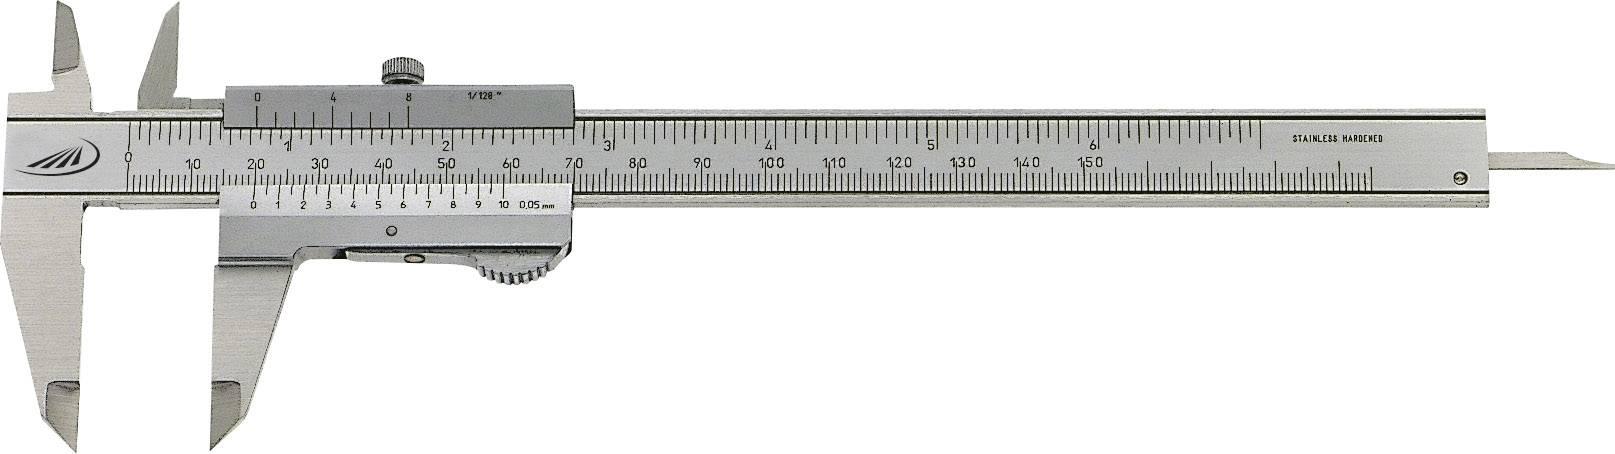 Kapesní posuvné měřítko Helios Preisser Duo Fix 0190 501, měřicí rozsah 150 mm, Kalibrováno dle podnikový standard (bez certifikátu) (own)